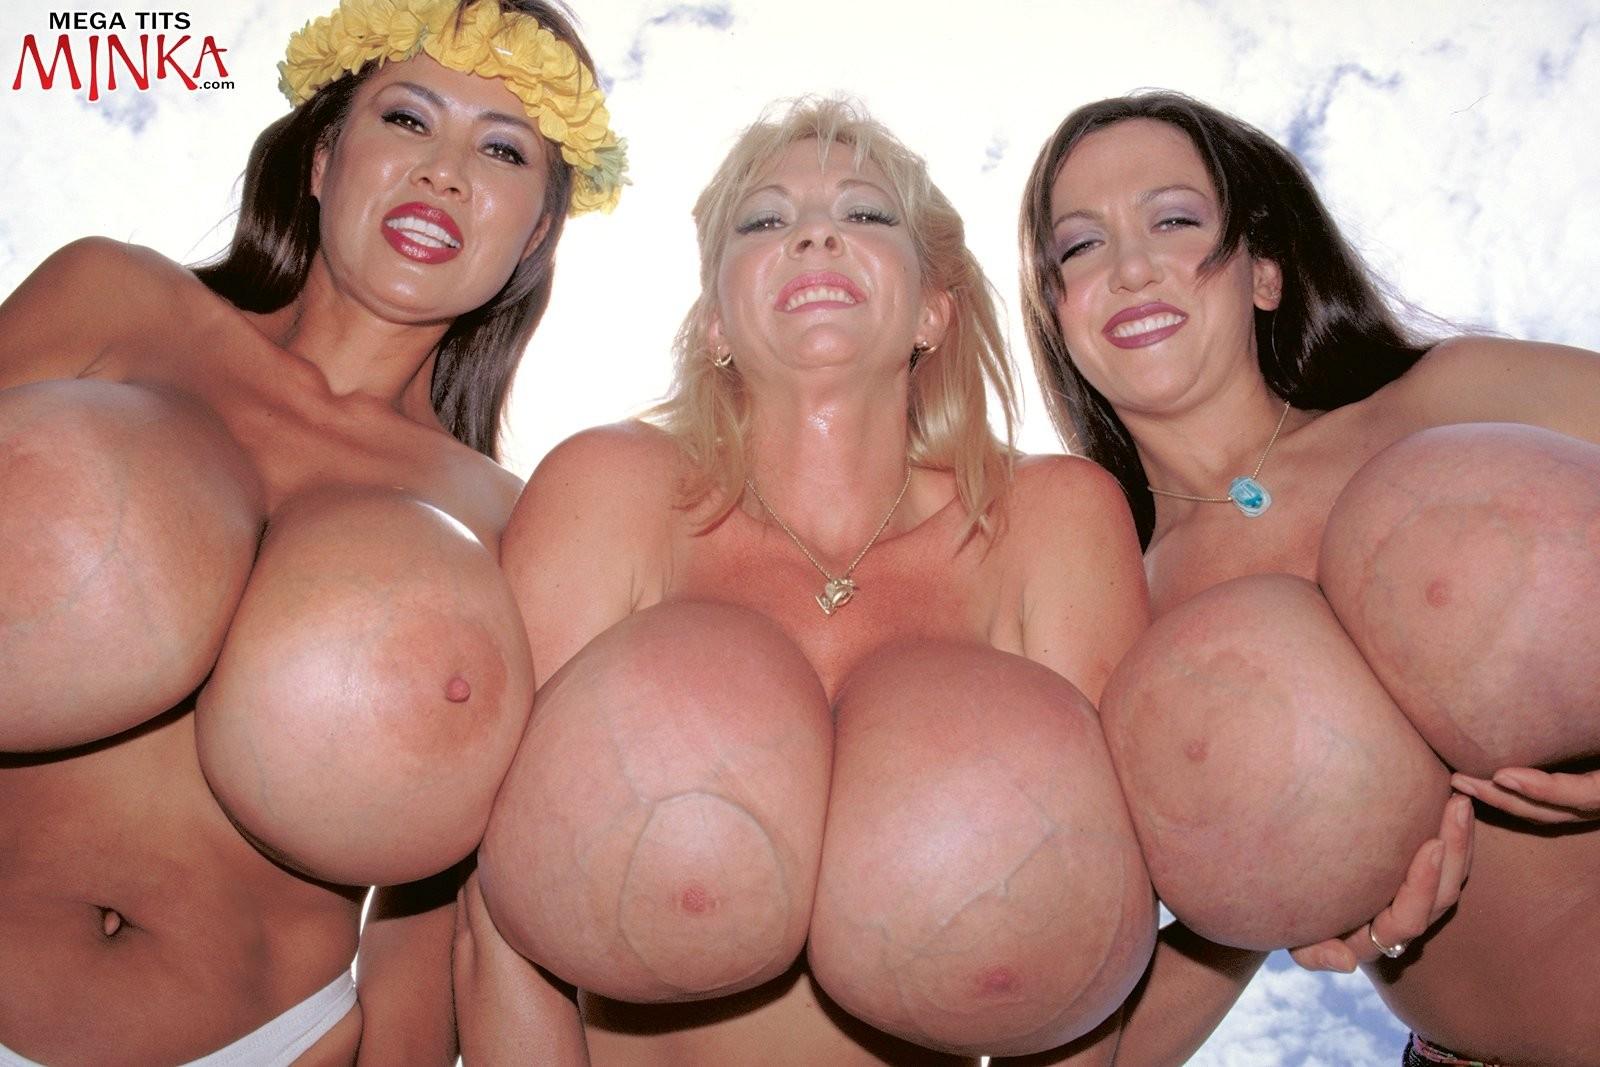 Met art coed nudes